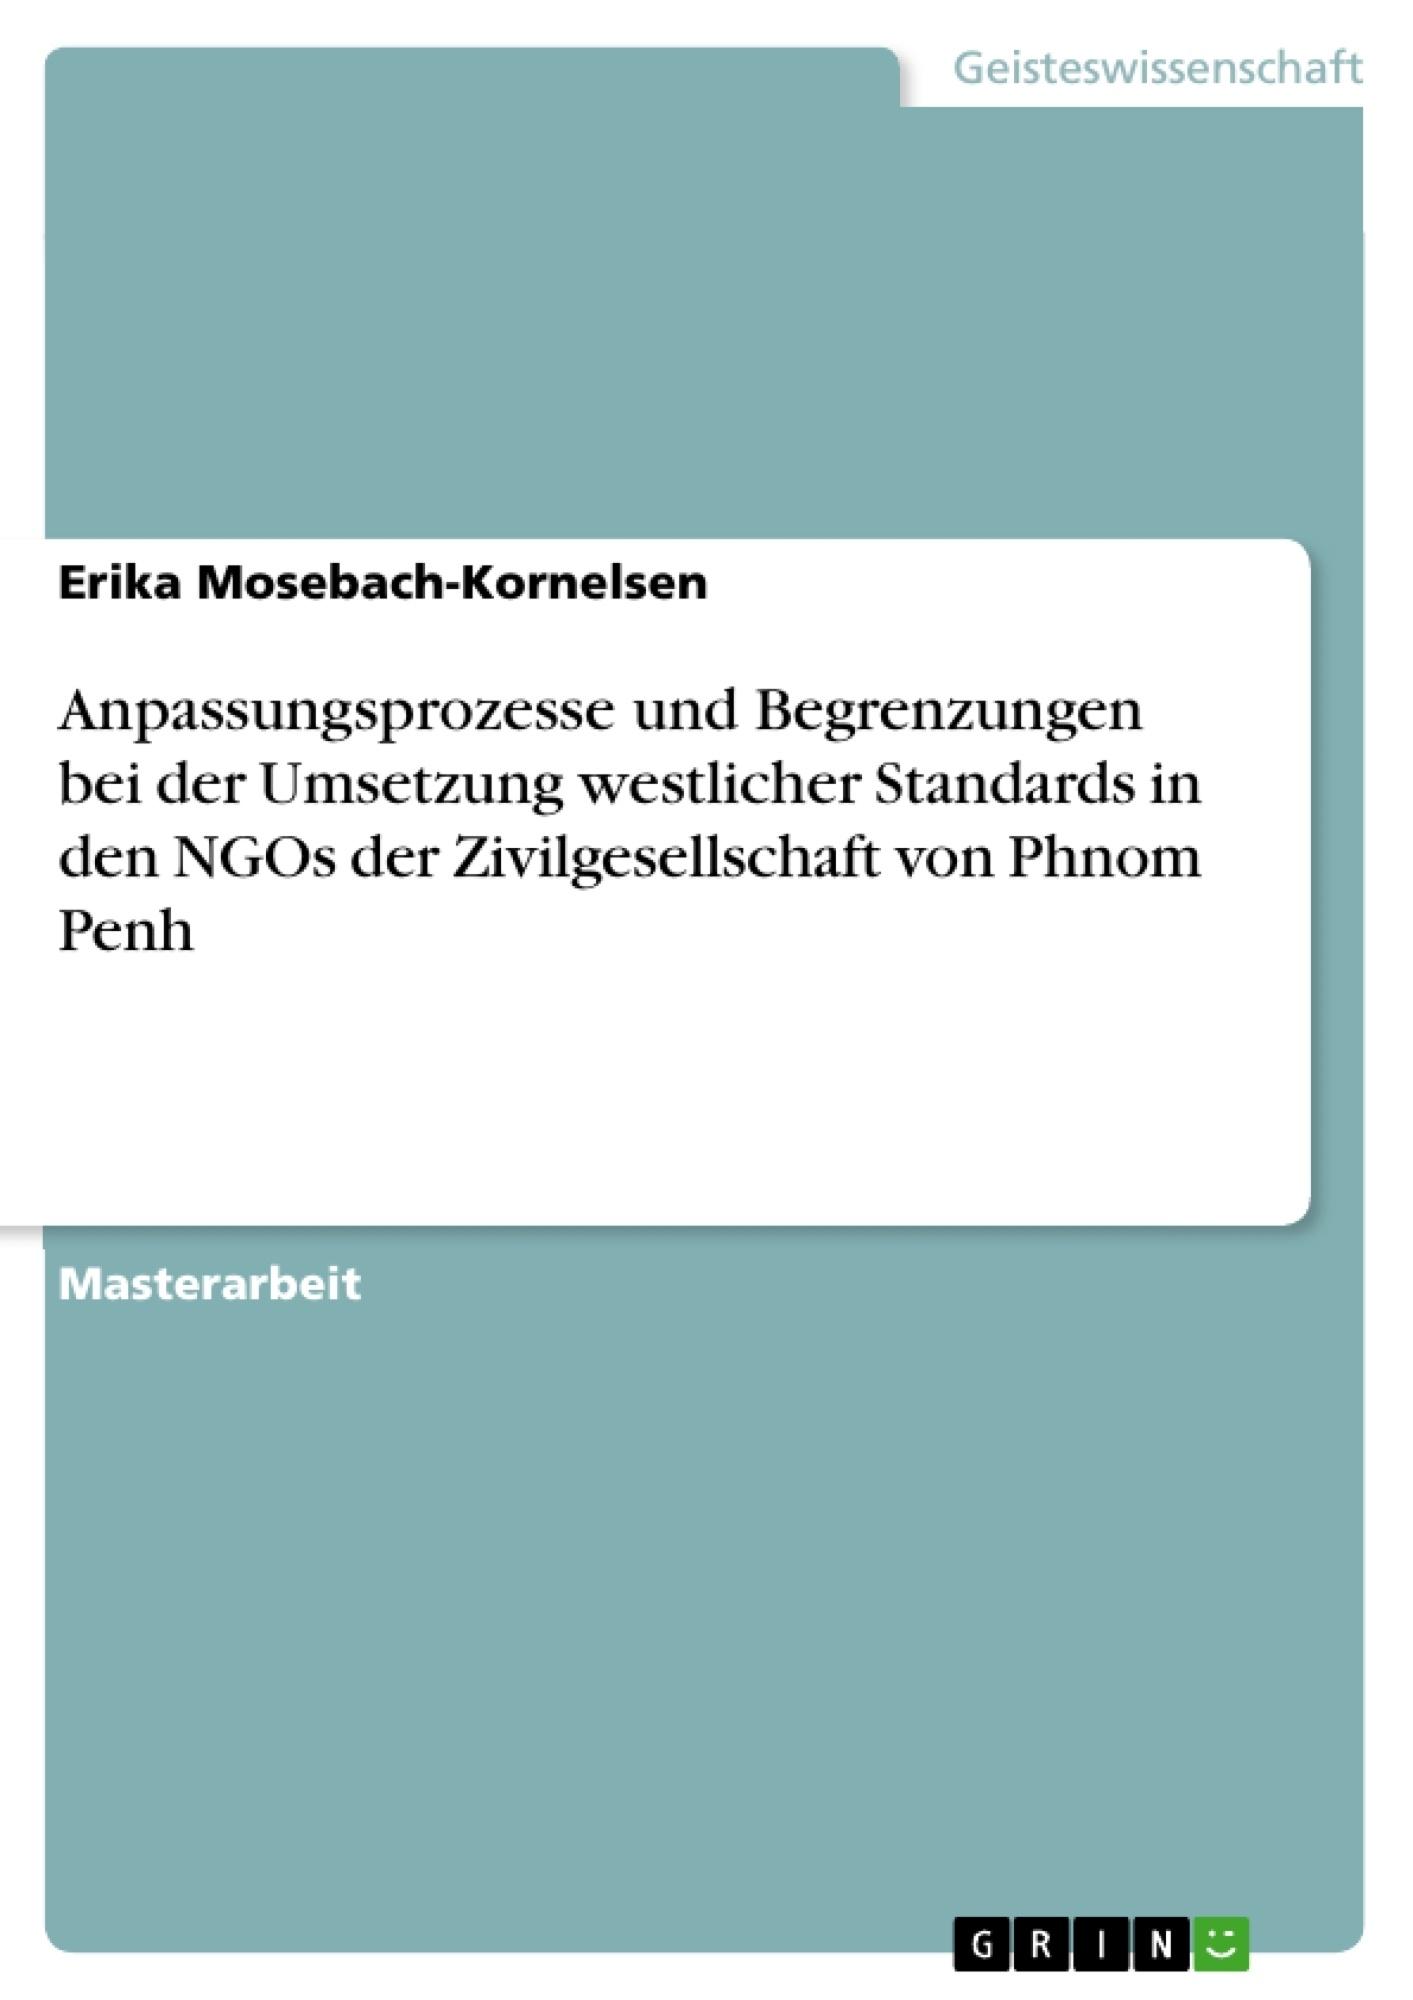 Titel: Anpassungsprozesse und Begrenzungen bei der Umsetzung westlicher Standards in den NGOs der Zivilgesellschaft von Phnom Penh